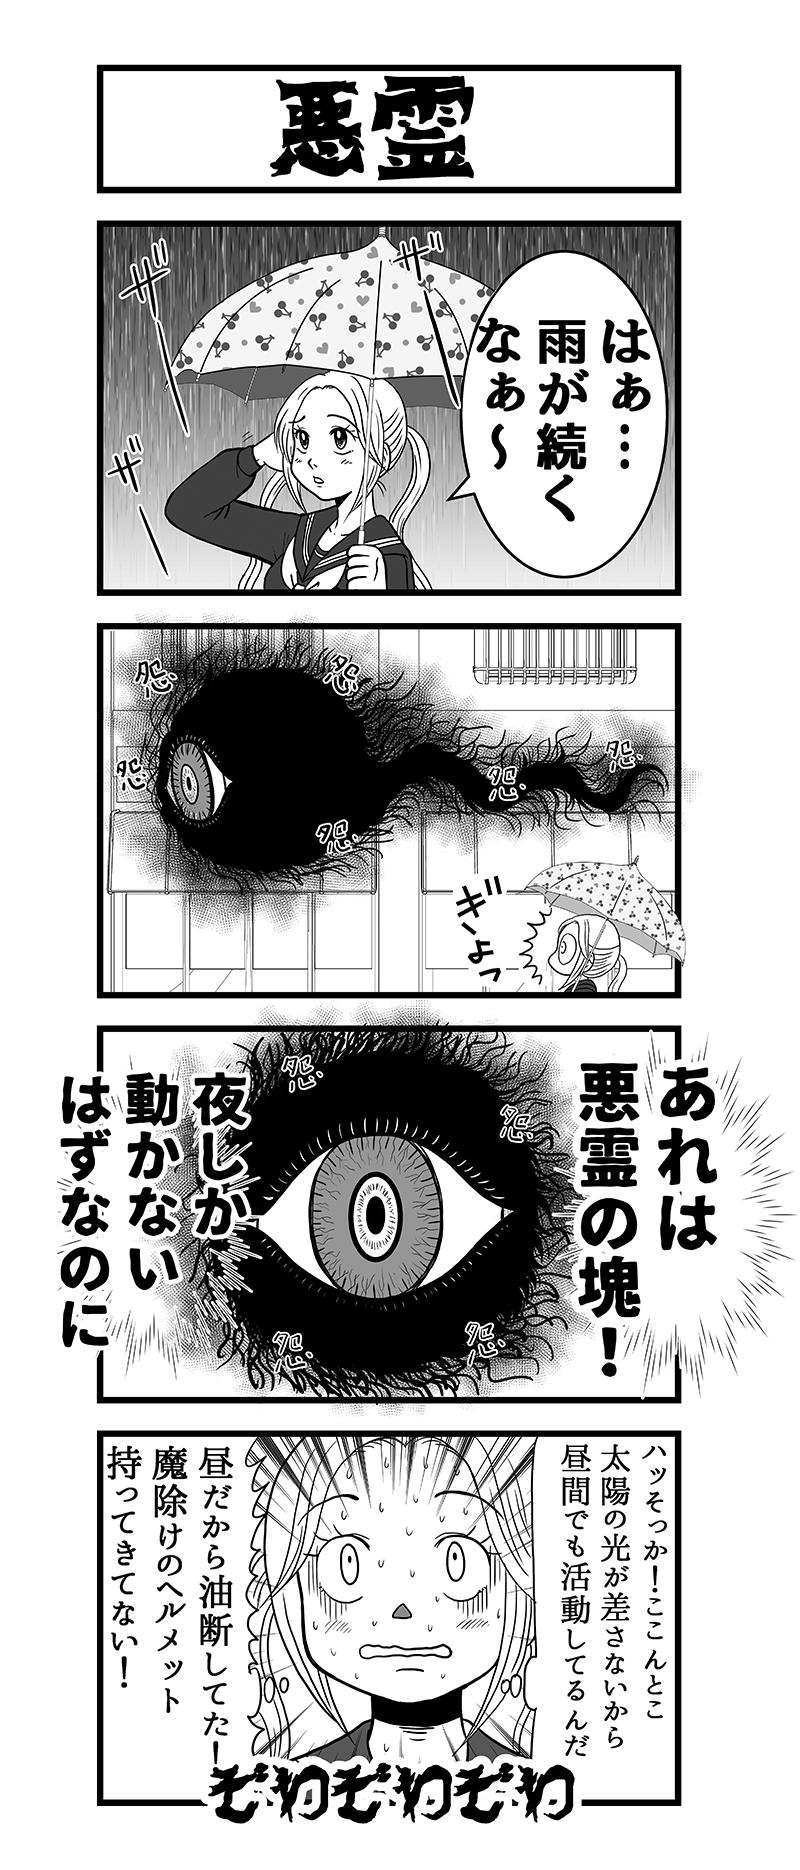 漫画 レイコさんの幽鬱7話目 悪霊編その1   うぶすなこころんイラスト本舗